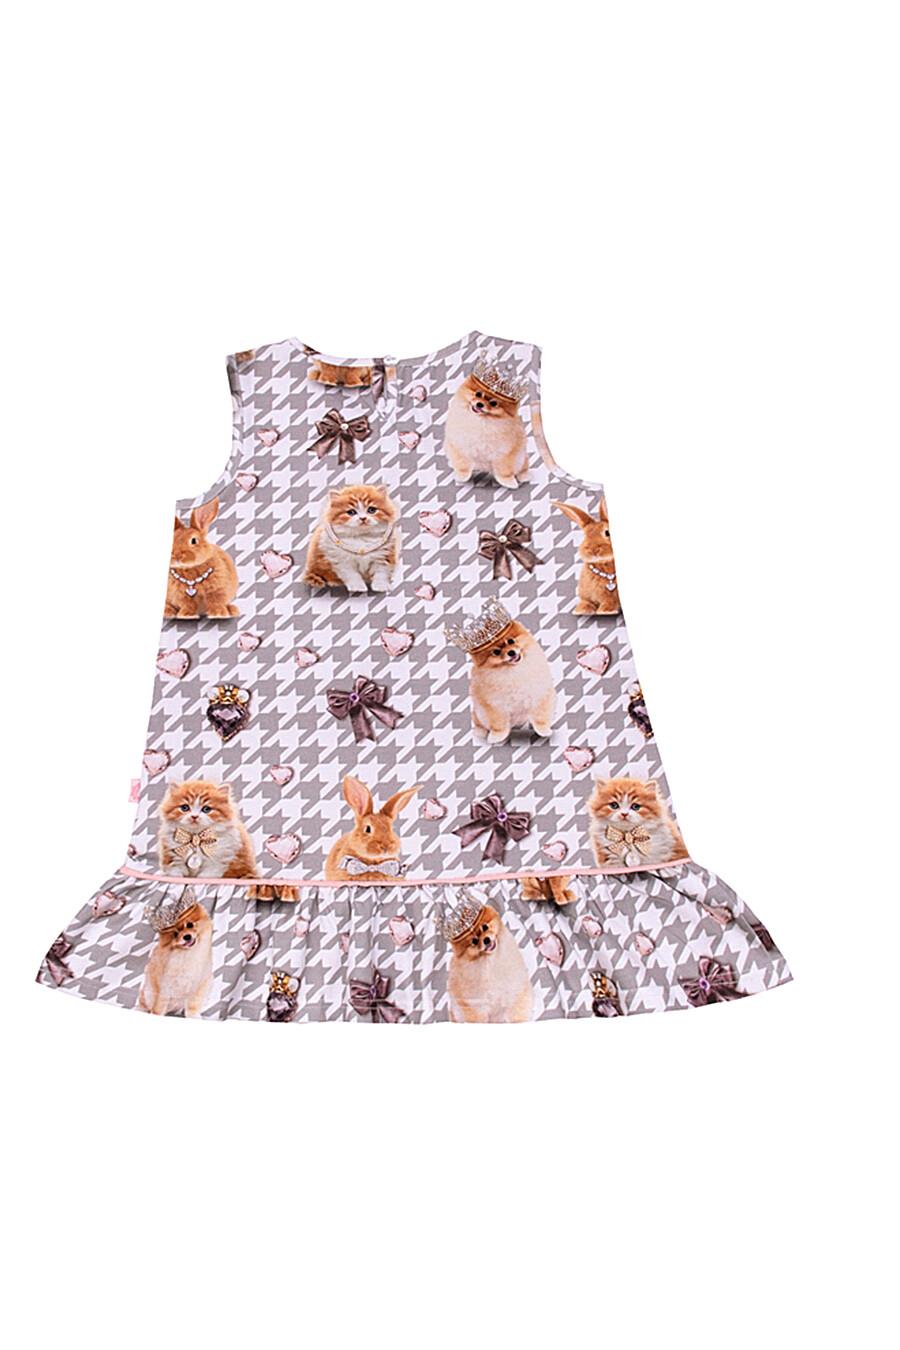 Сарафан для девочек АПРЕЛЬ 700373 купить оптом от производителя. Совместная покупка детской одежды в OptMoyo